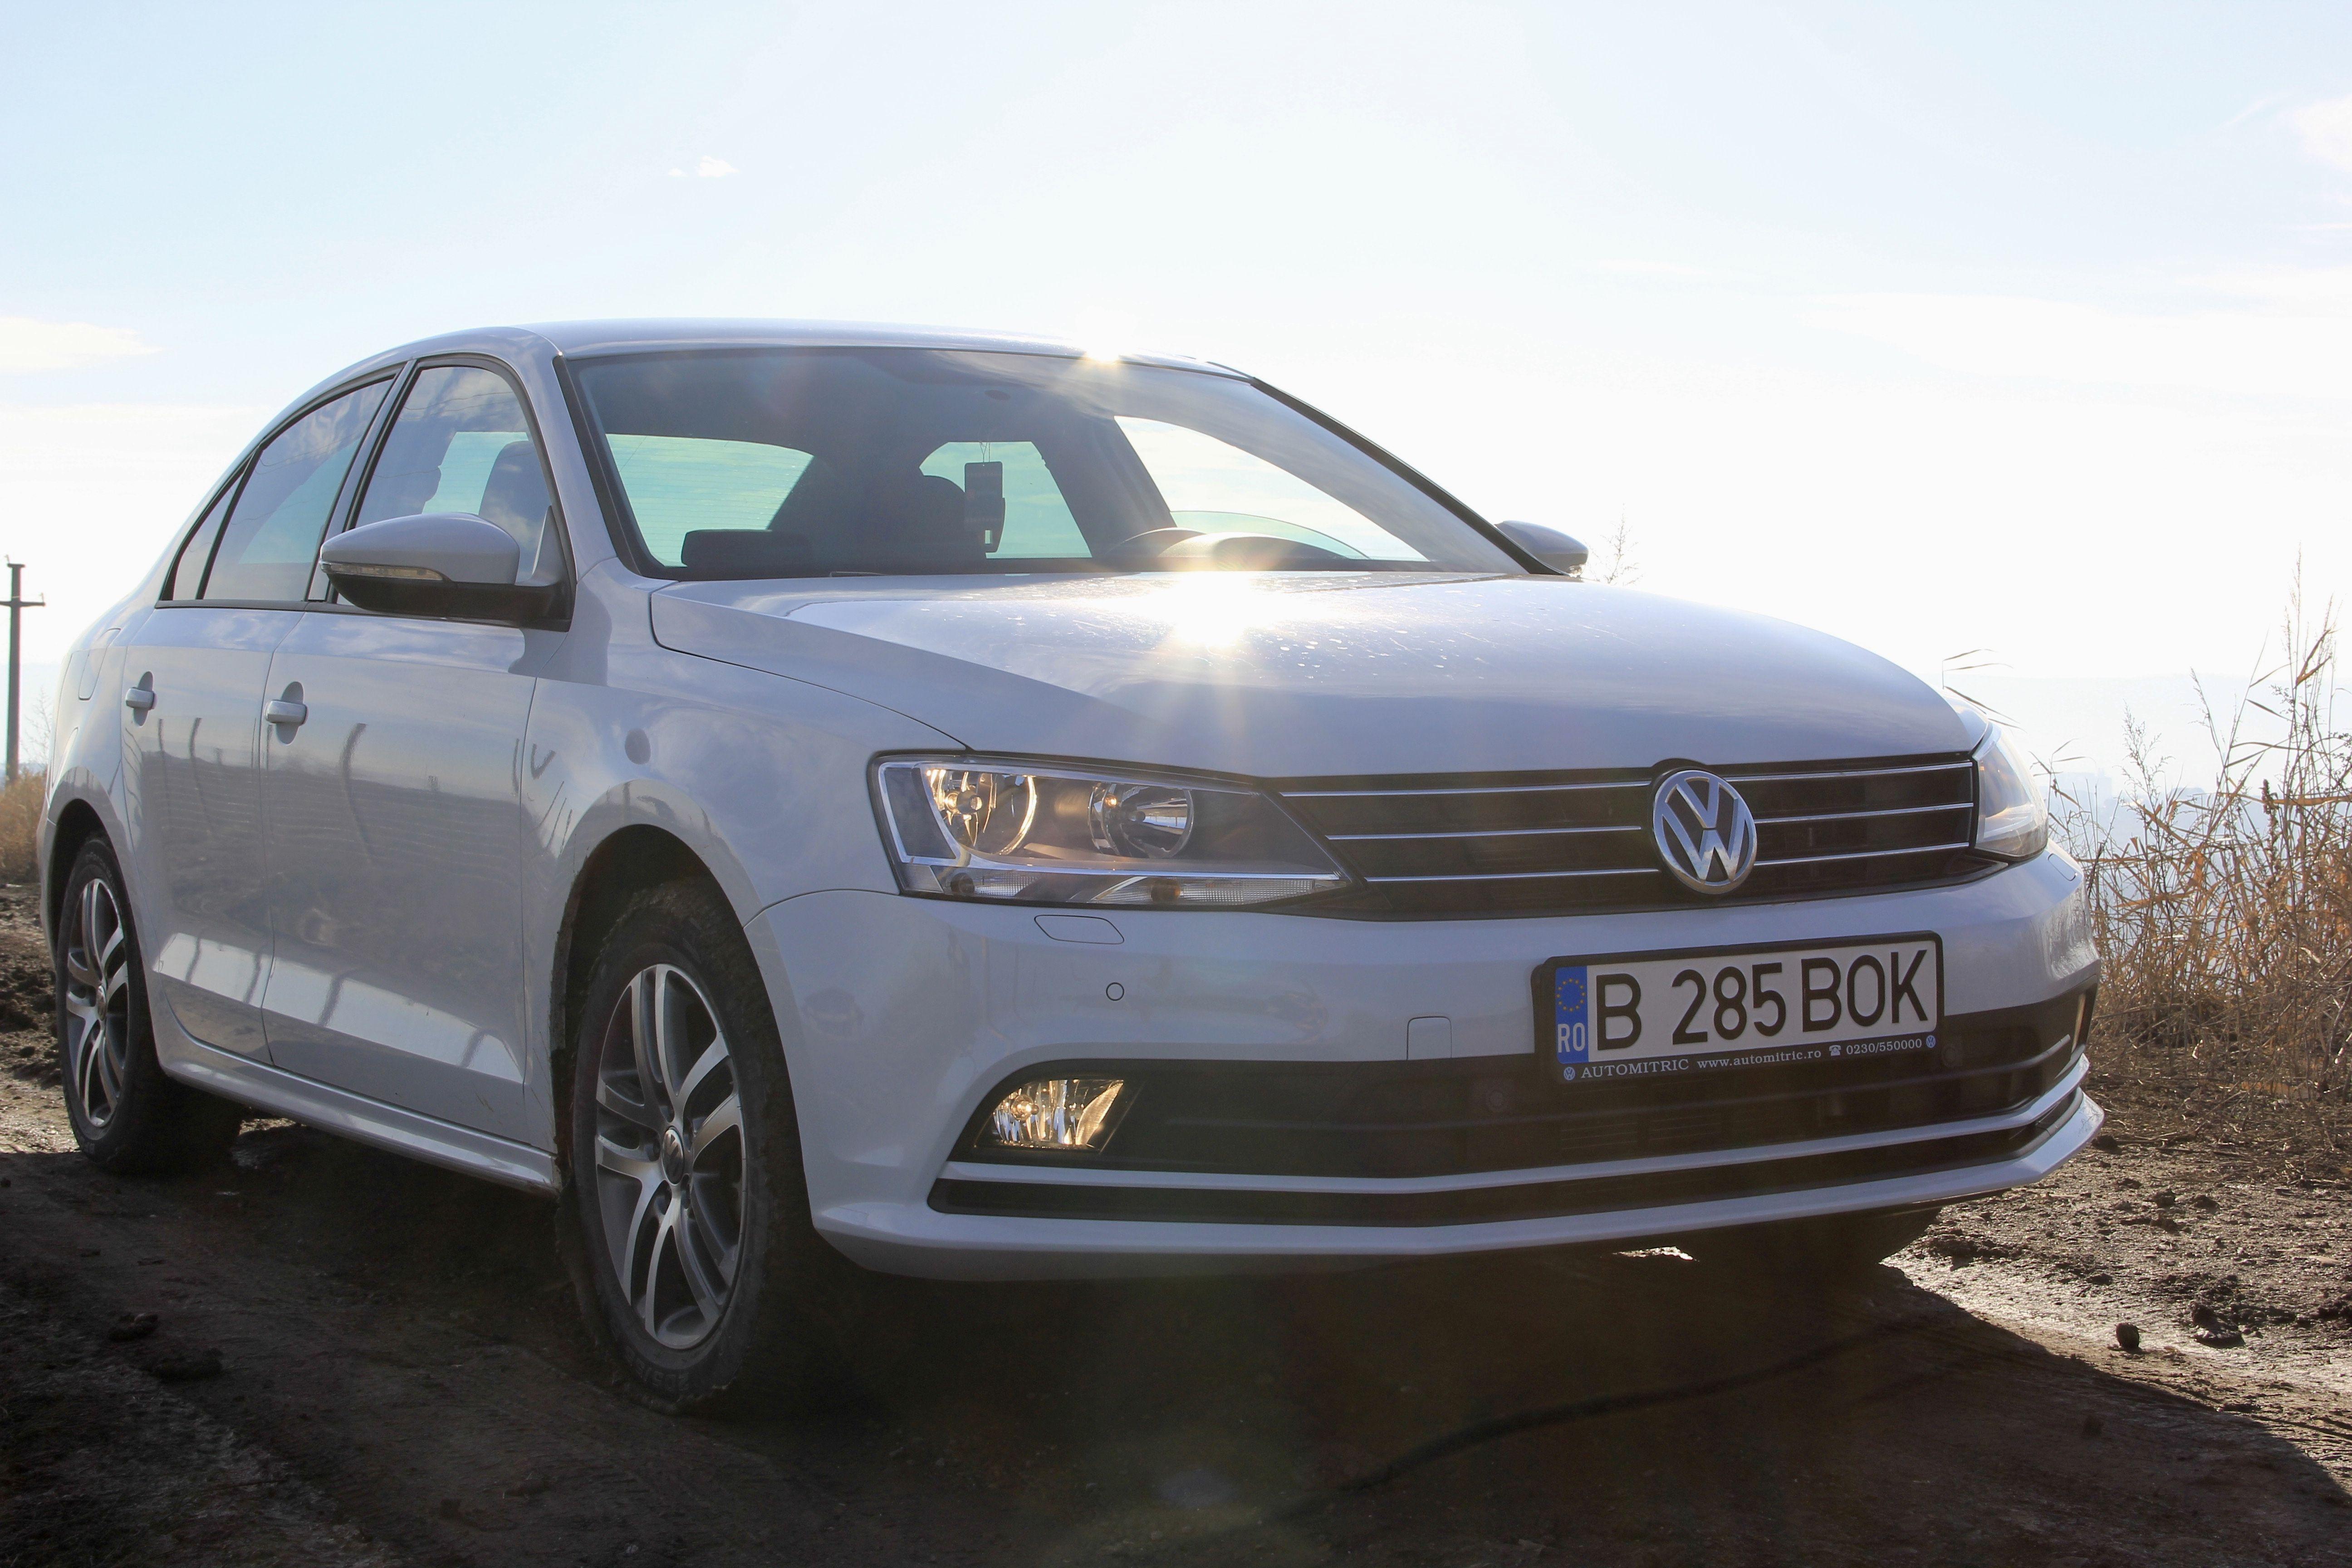 VW Jetta de inchiriat in Bucuresti Cool cars, Travel